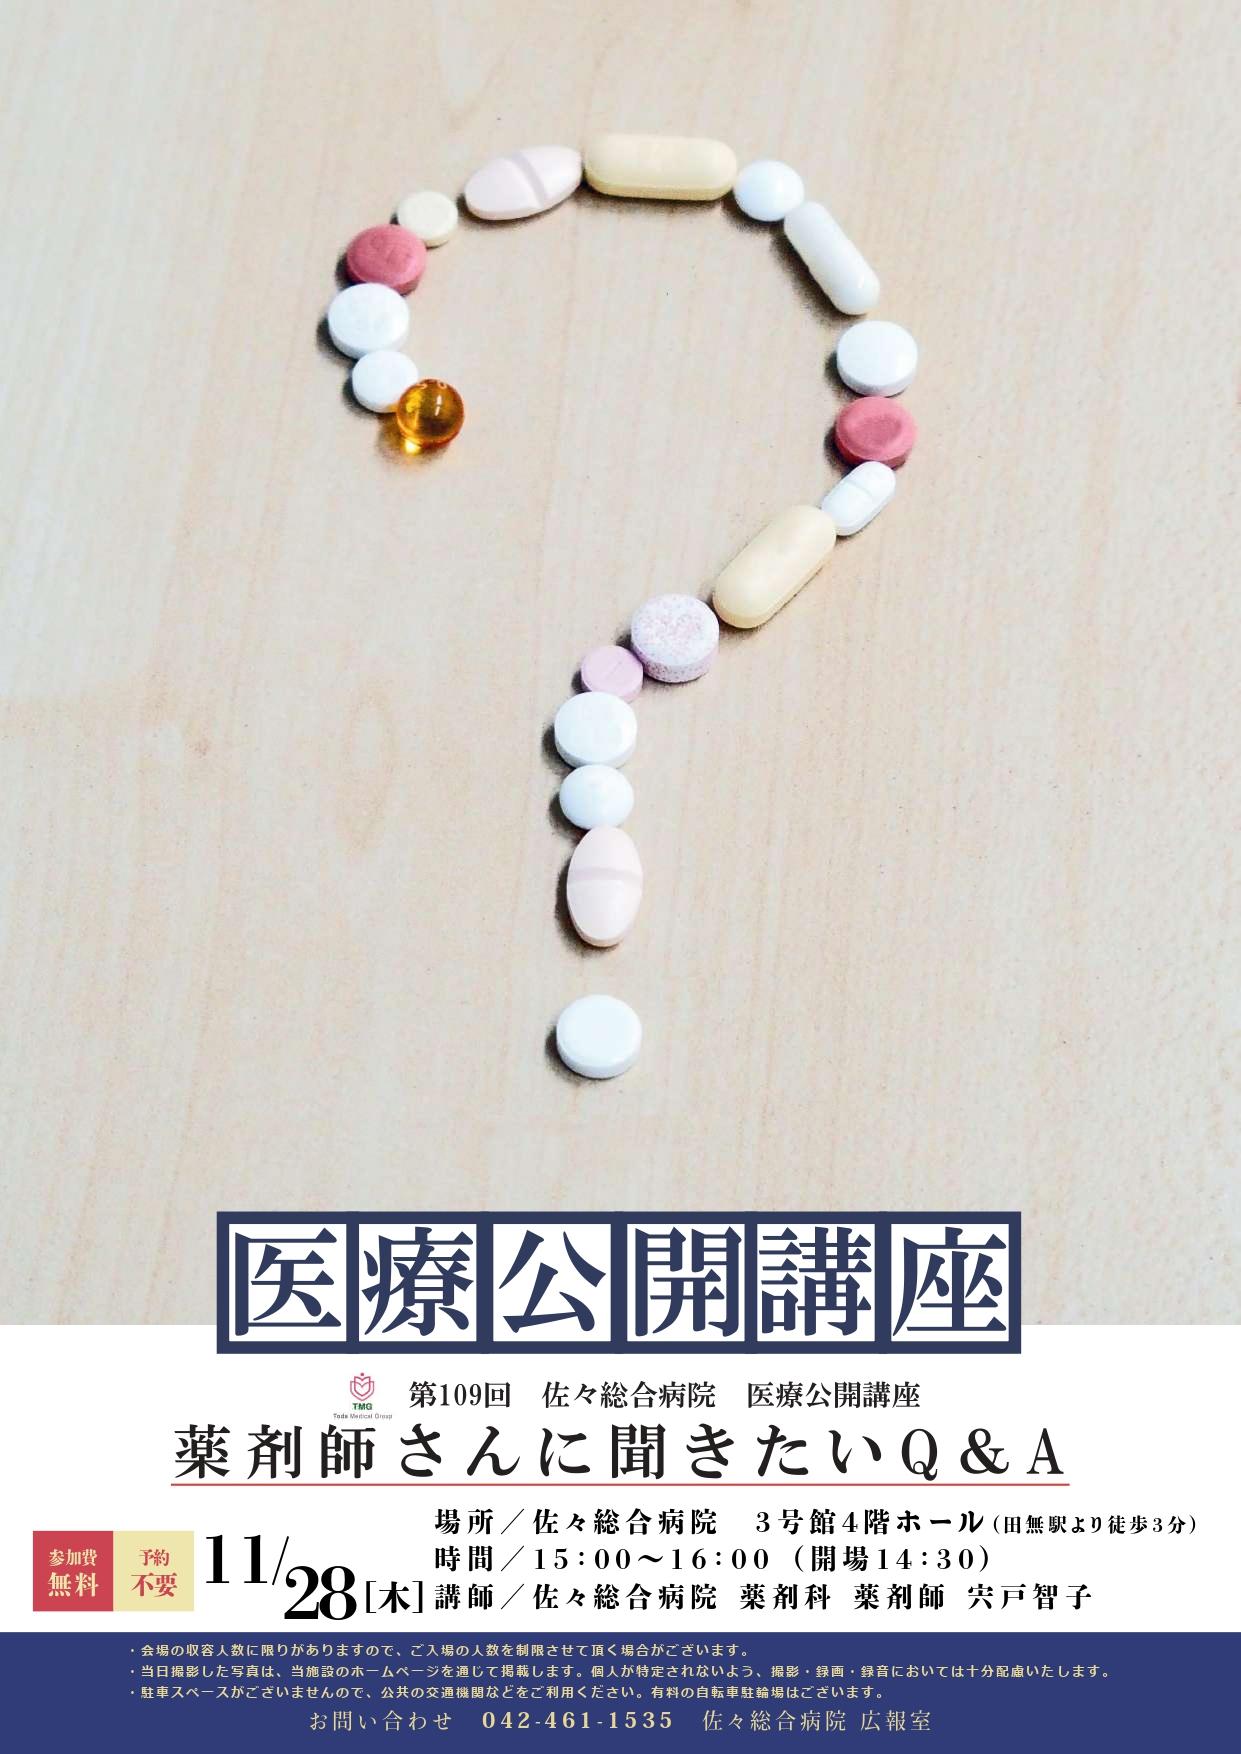 11月28日公開講座『薬剤師さんに聞きたいQ&A』